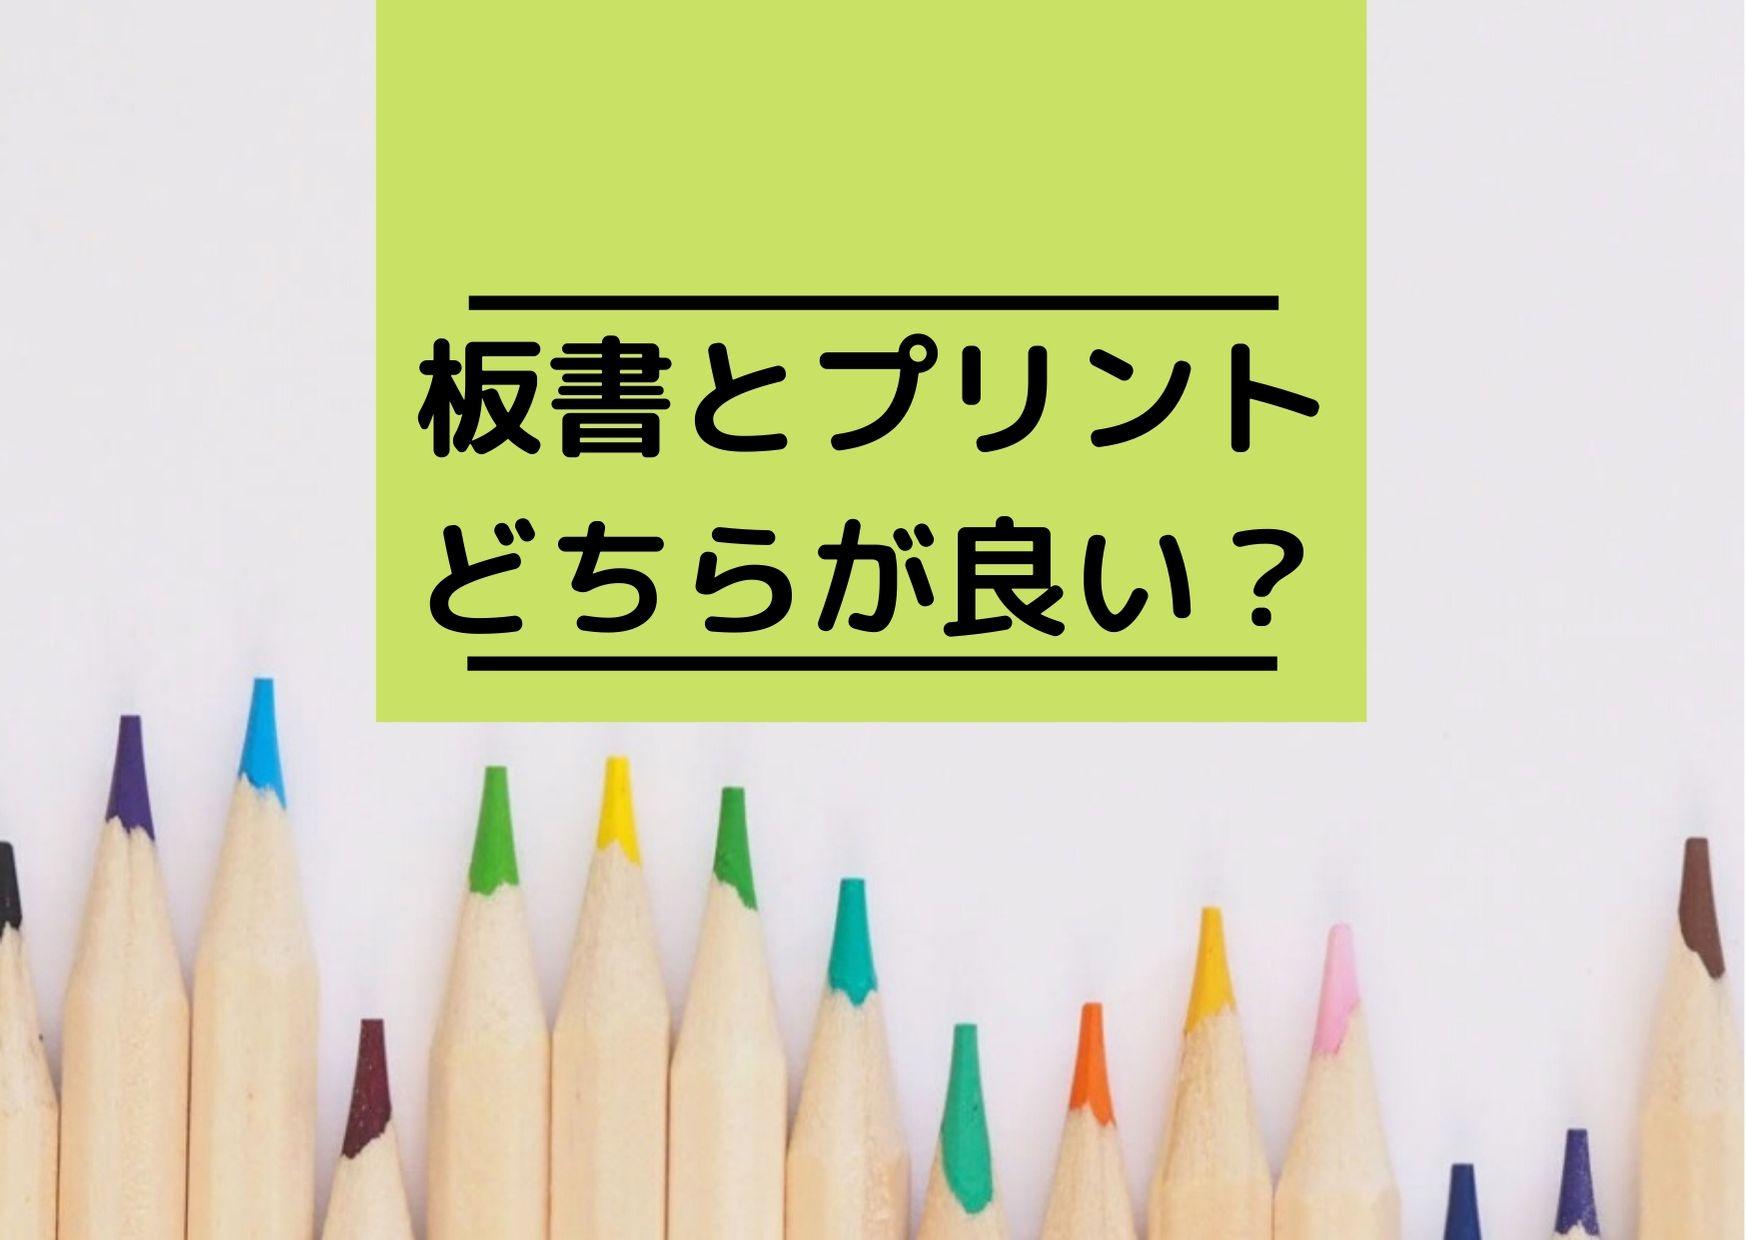 板書ノートとプリントはどちらが学習効果が高い授業か